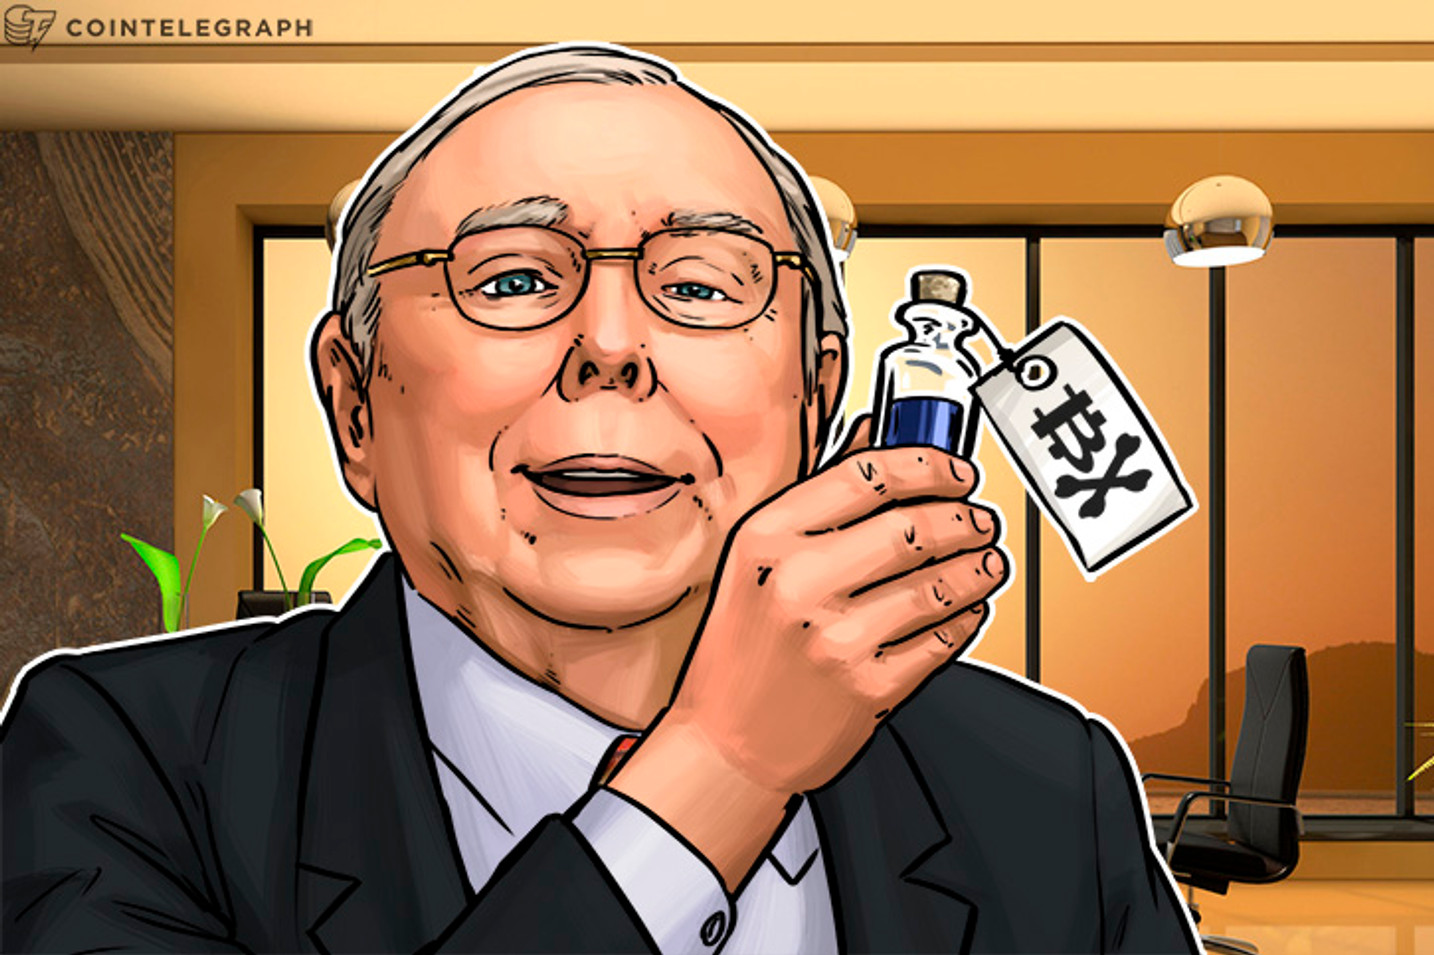 バークシャーハサウェイ社マンガー氏が仮想通貨を痛烈批判「厳しく踏みつけるべき」